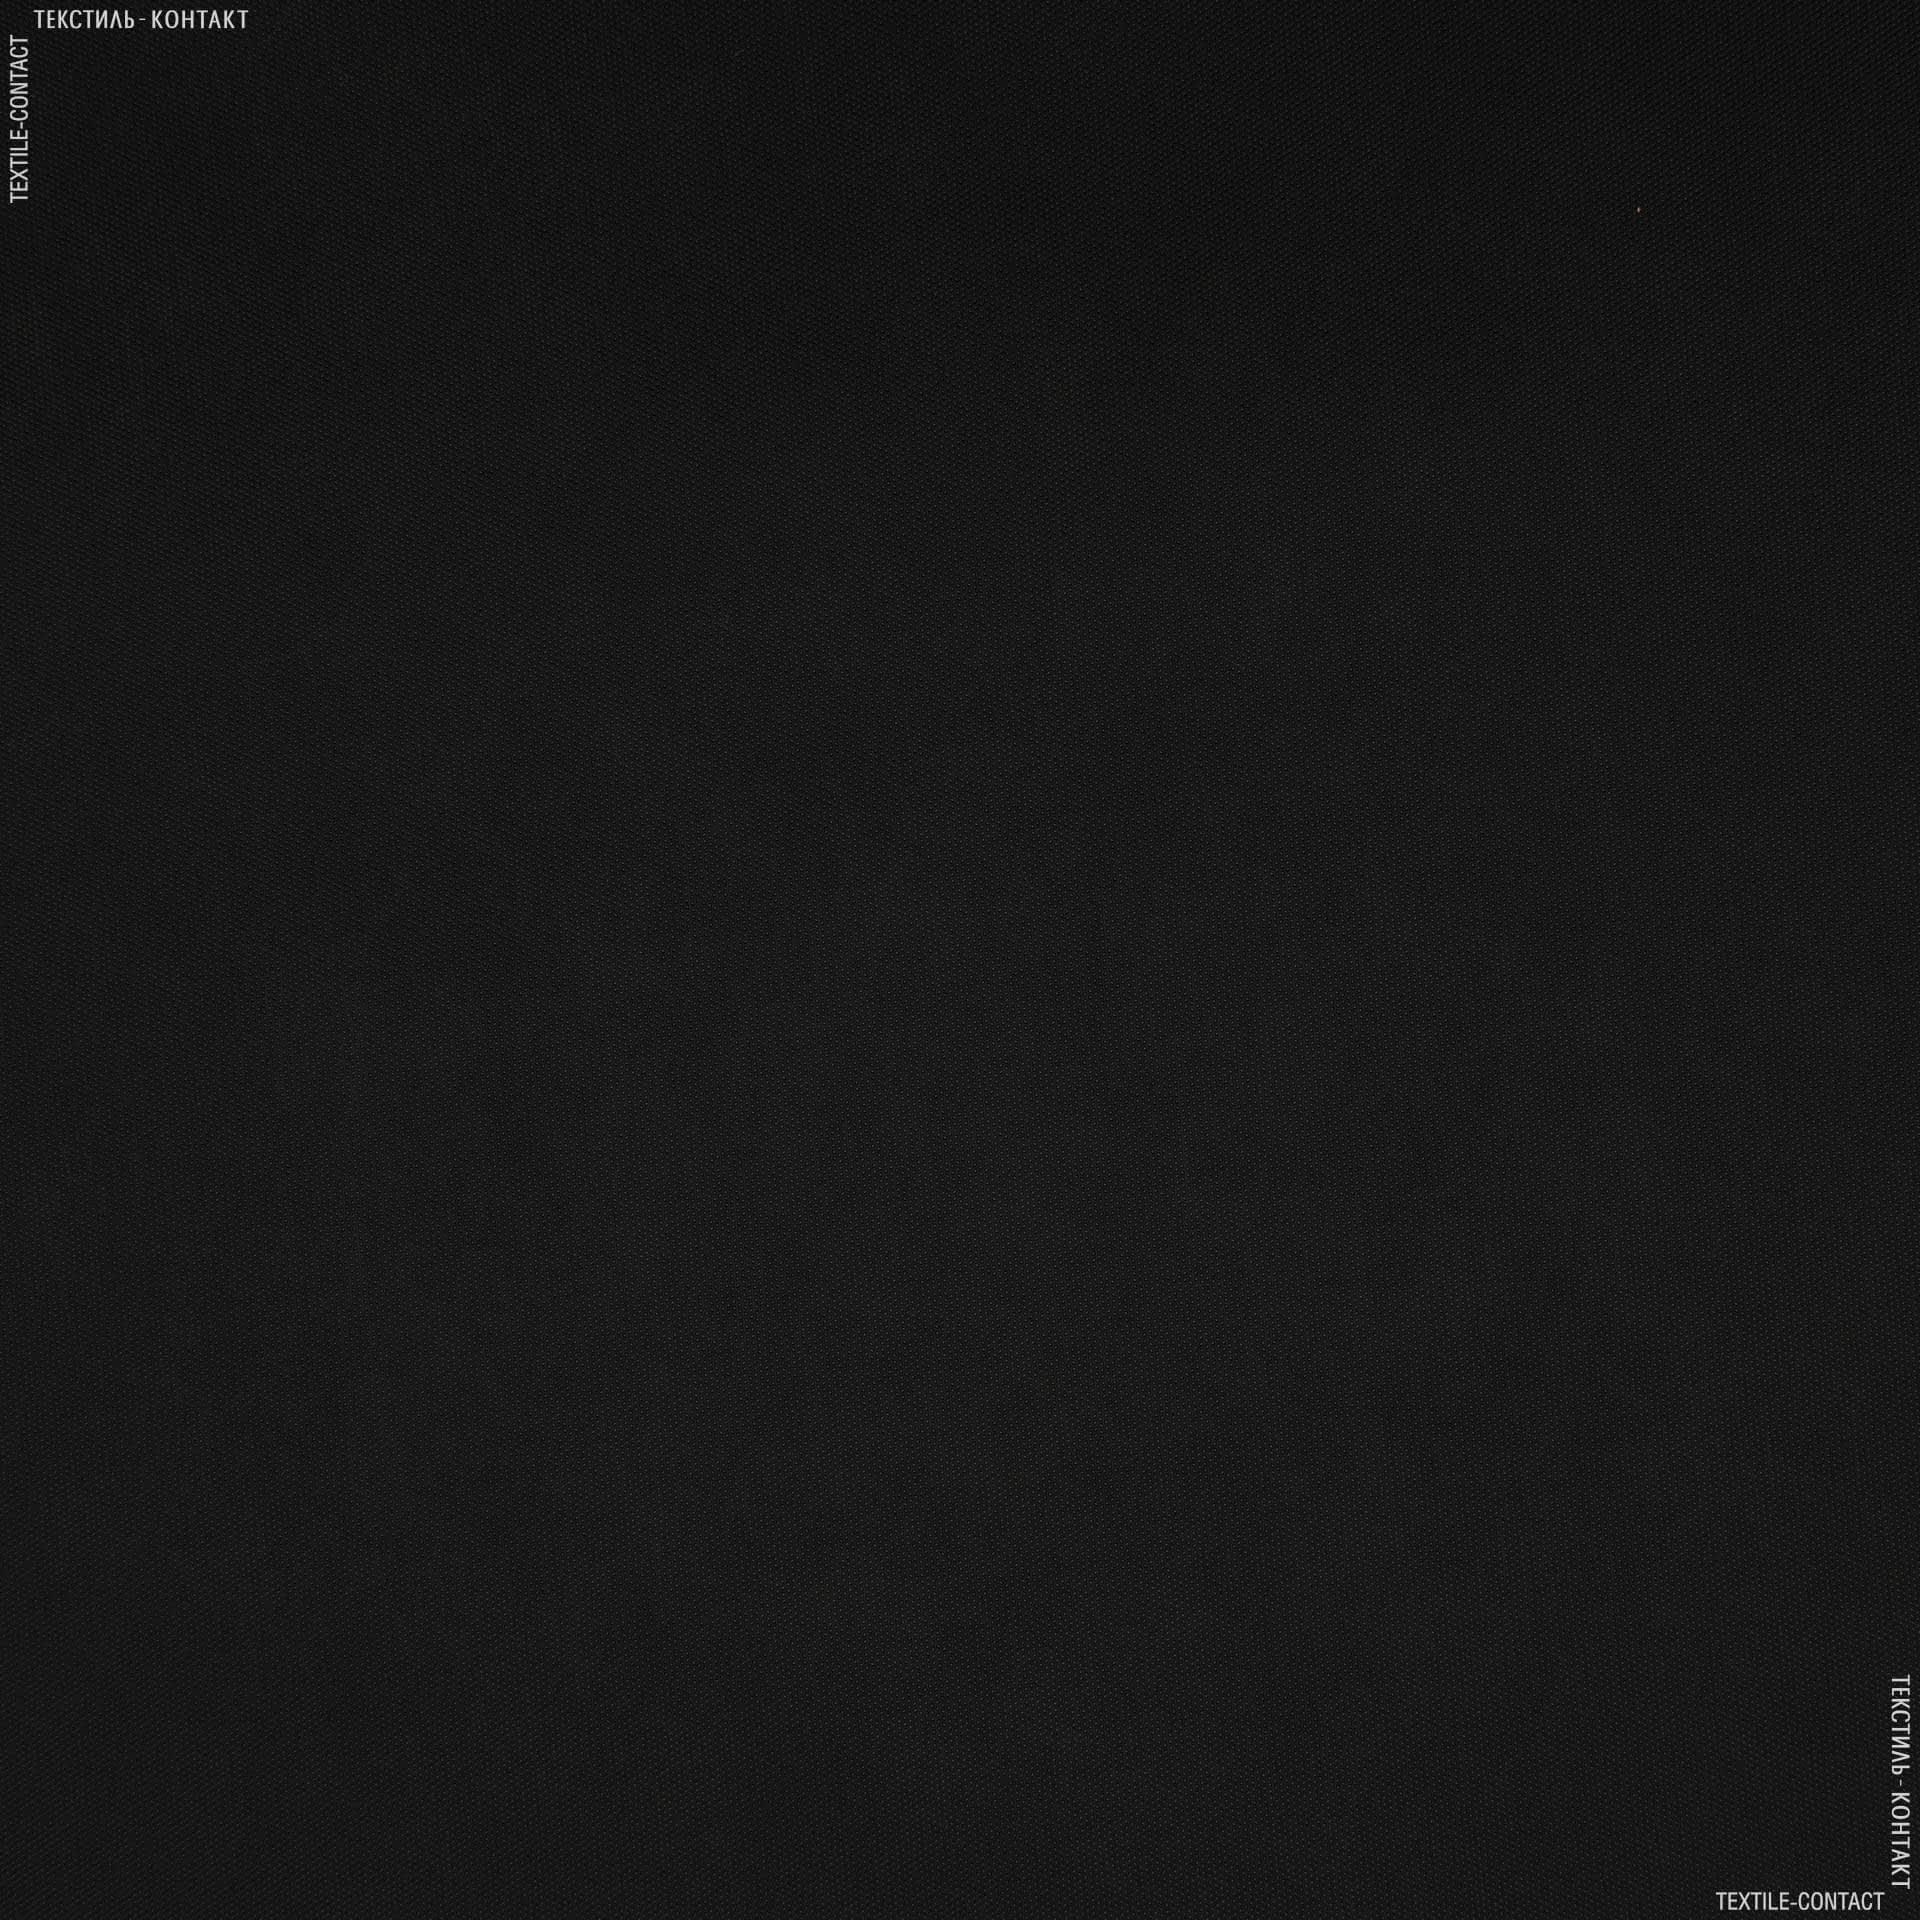 Ткани для костюмов - Спанбонд 100g  черный